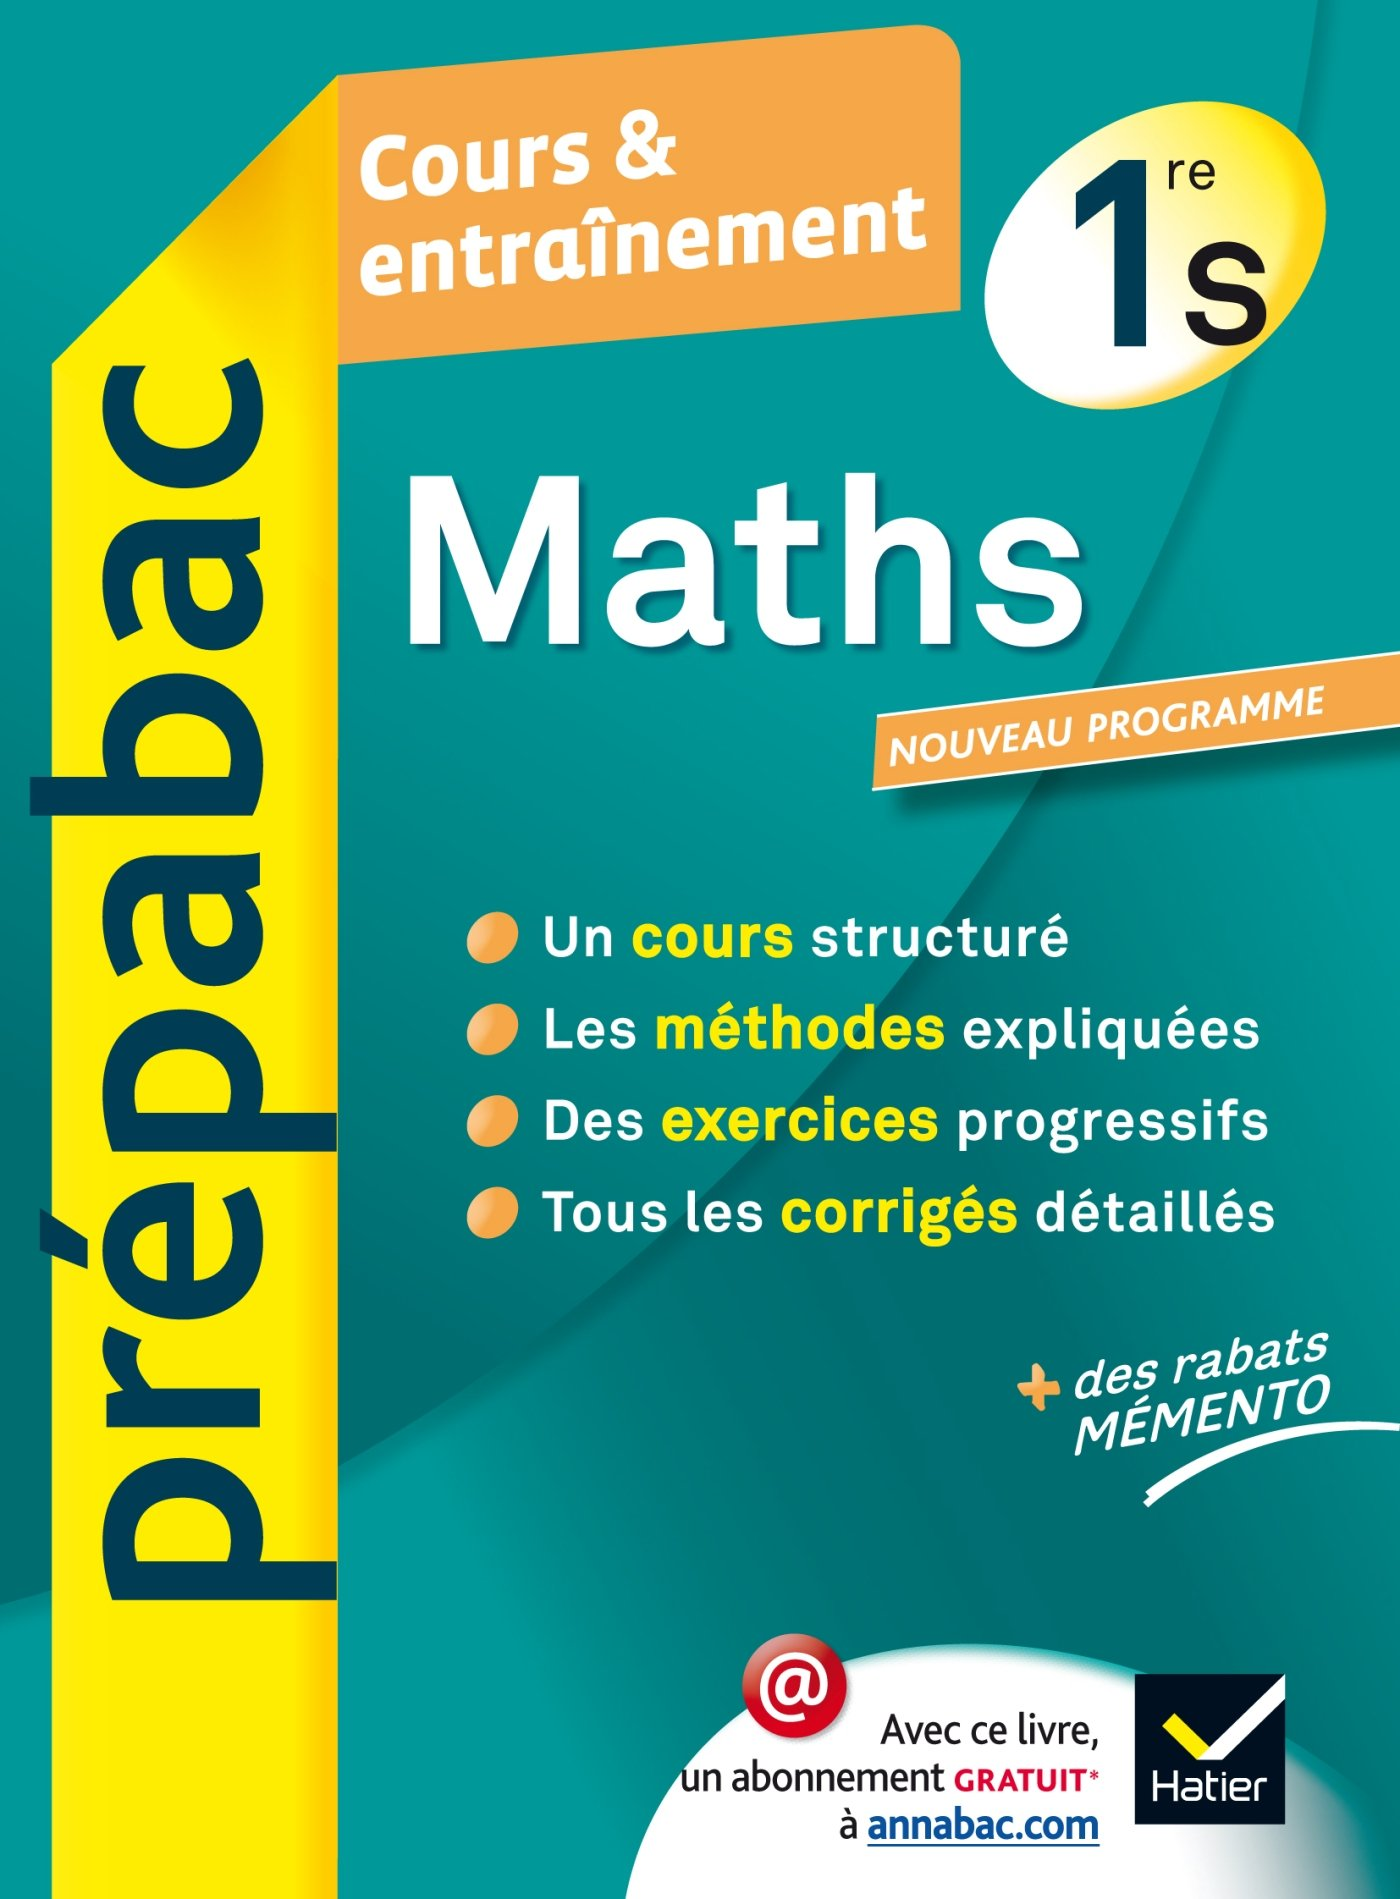 Maths 1re S Prepabac Cours Entrainement Cours Methodes Et Exercices Premiere S Amazon Fr Picchiottino Jean Dominique Denis Girard Annick Meyer Livres